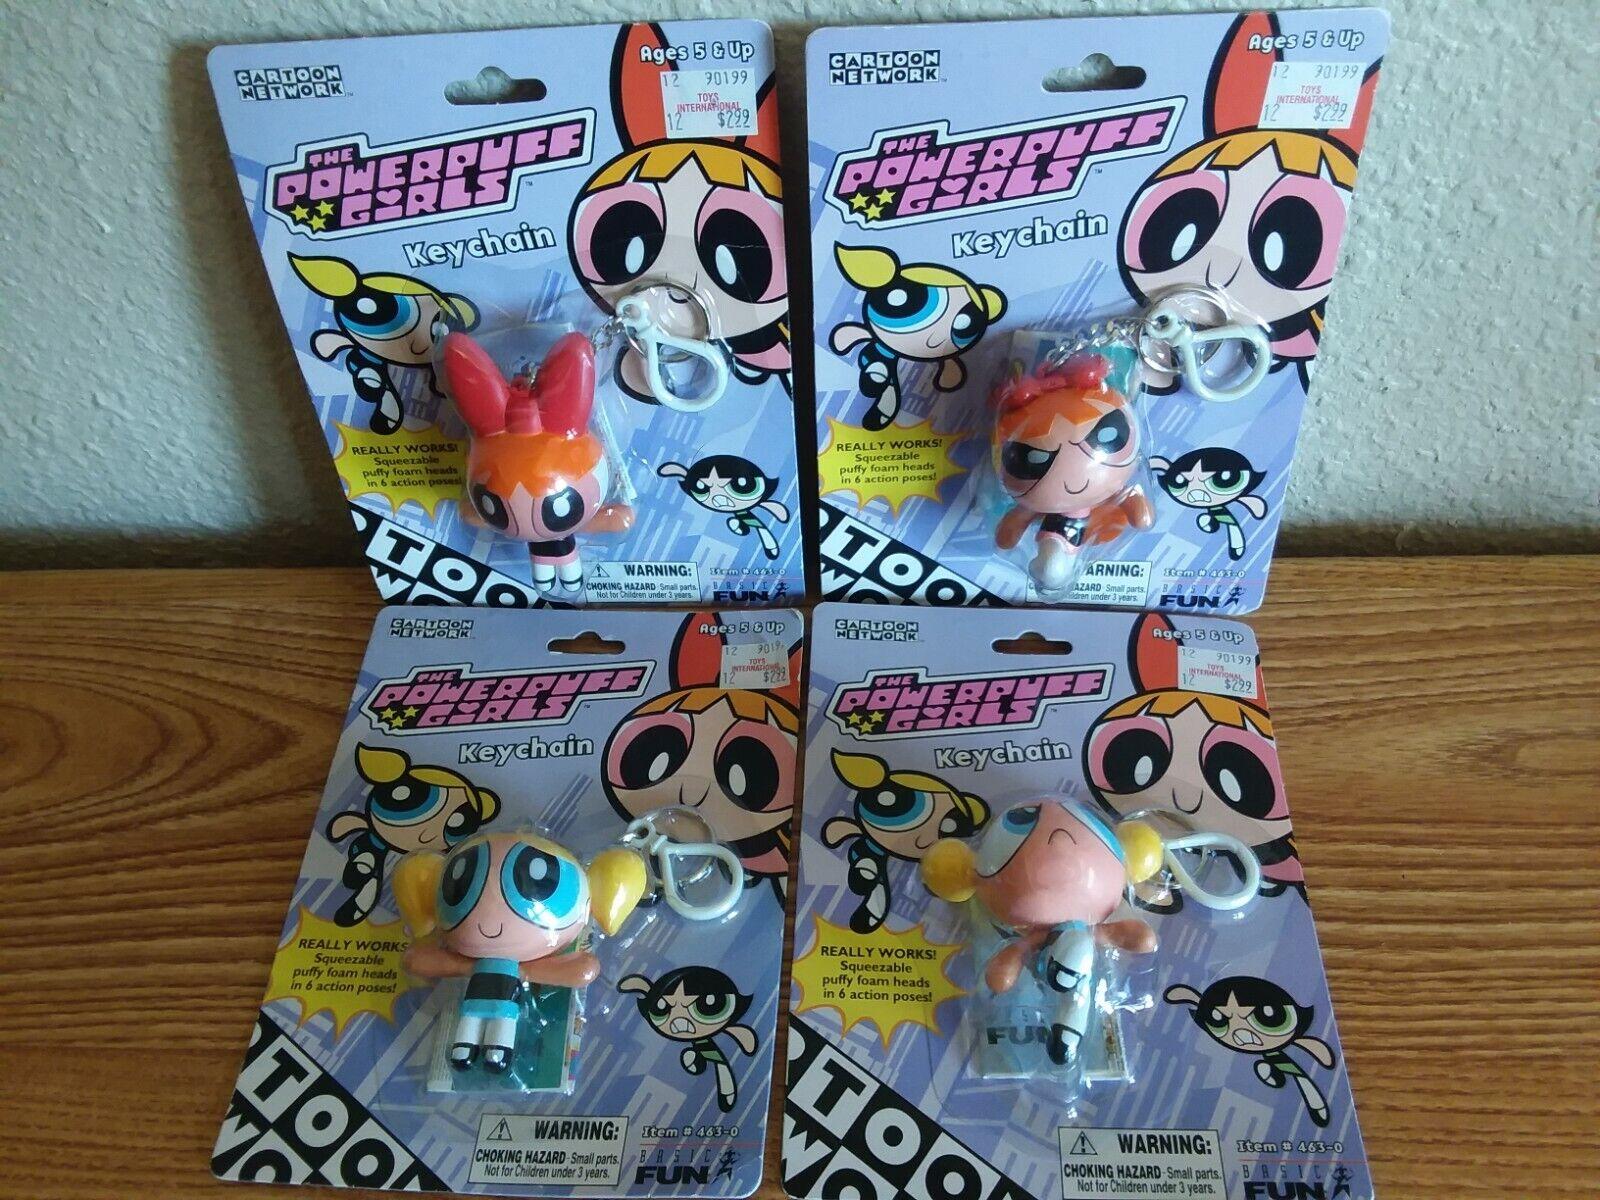 Cartoon Network 2000 Powerpuff Girls Bubbles Blossom Buttercup Keychain